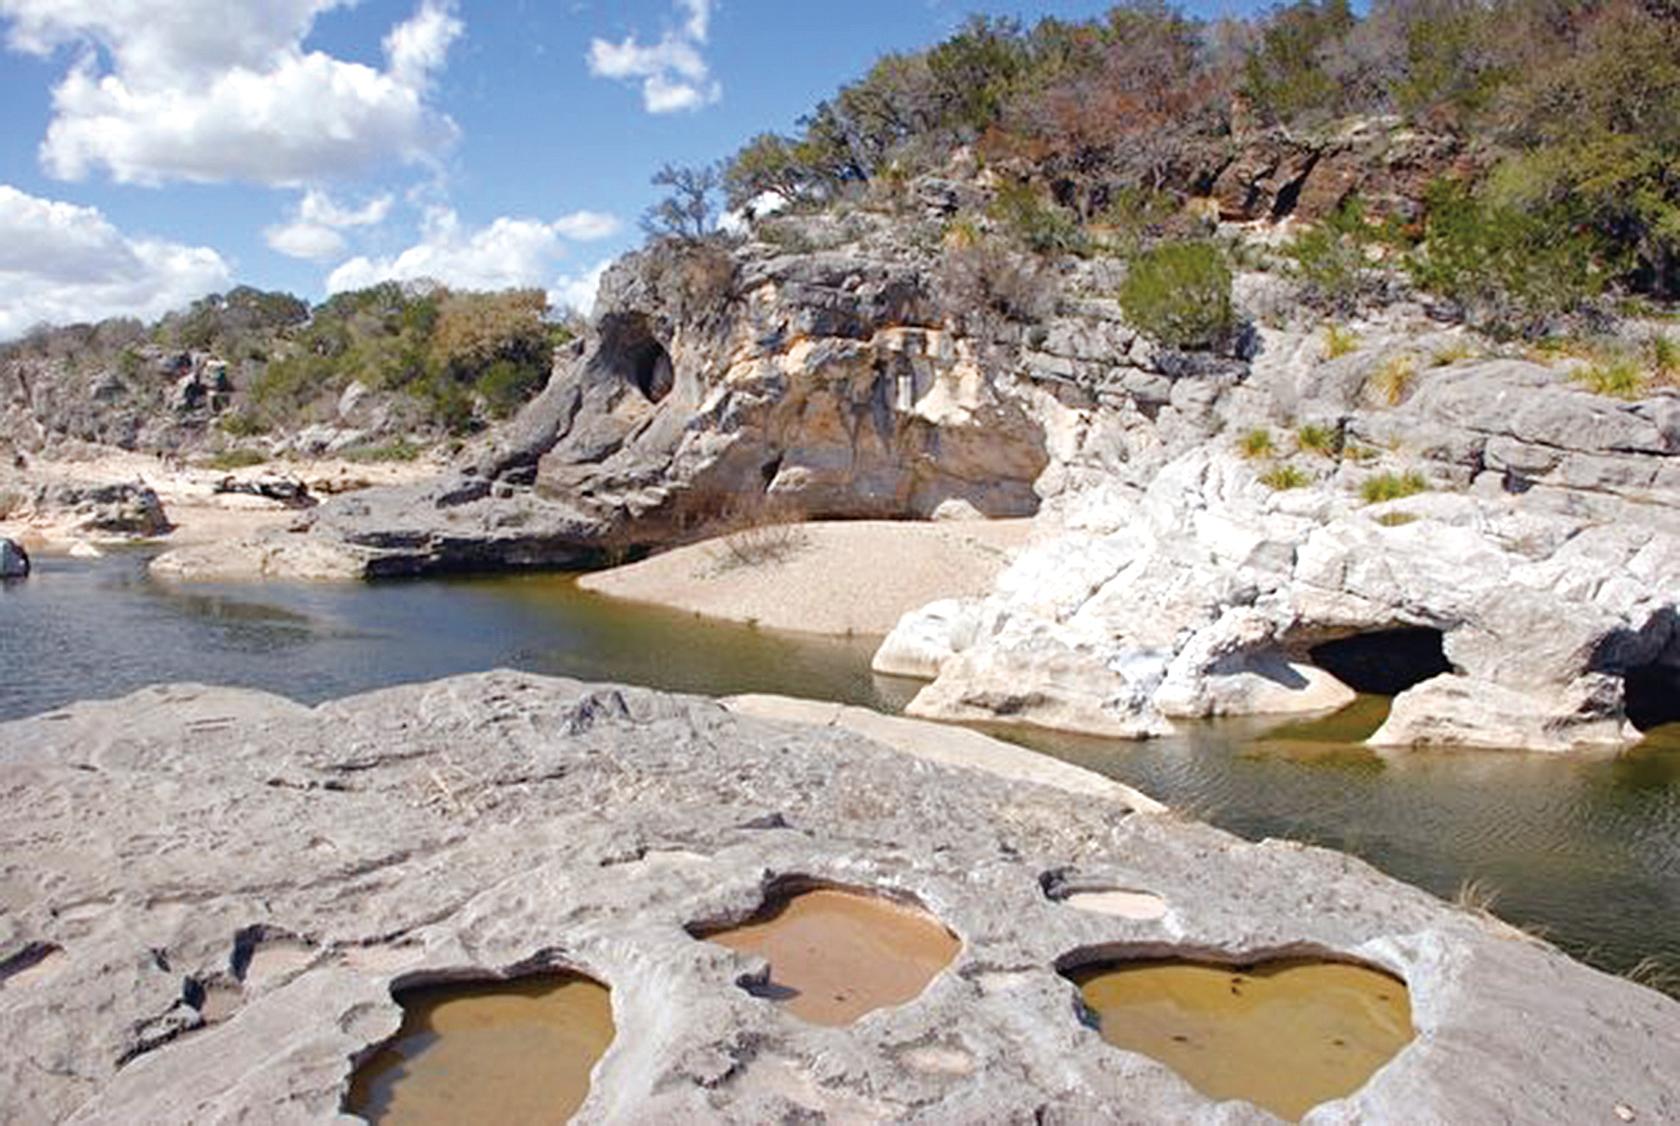 「山丘之鄉」遍佈水溶性的石灰岩,長年被河川侵蝕後形成喀斯特地貌。